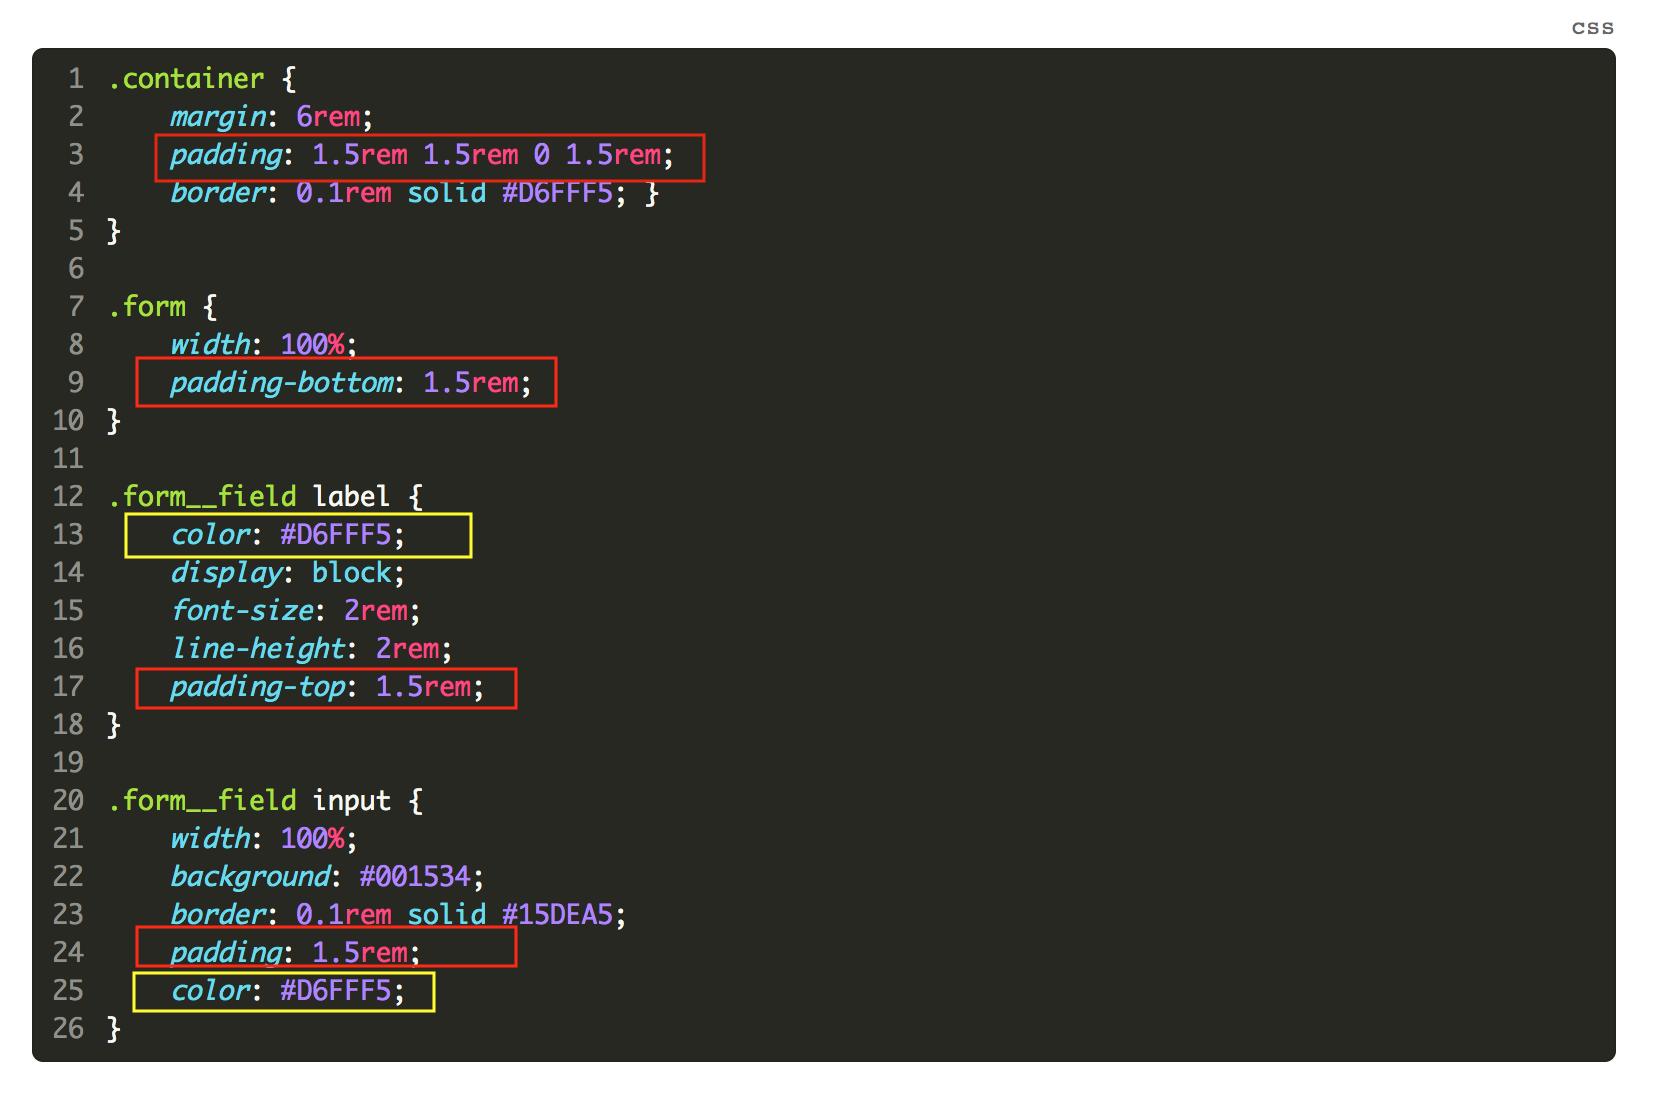 Image montrant les endroits où le code se répète.